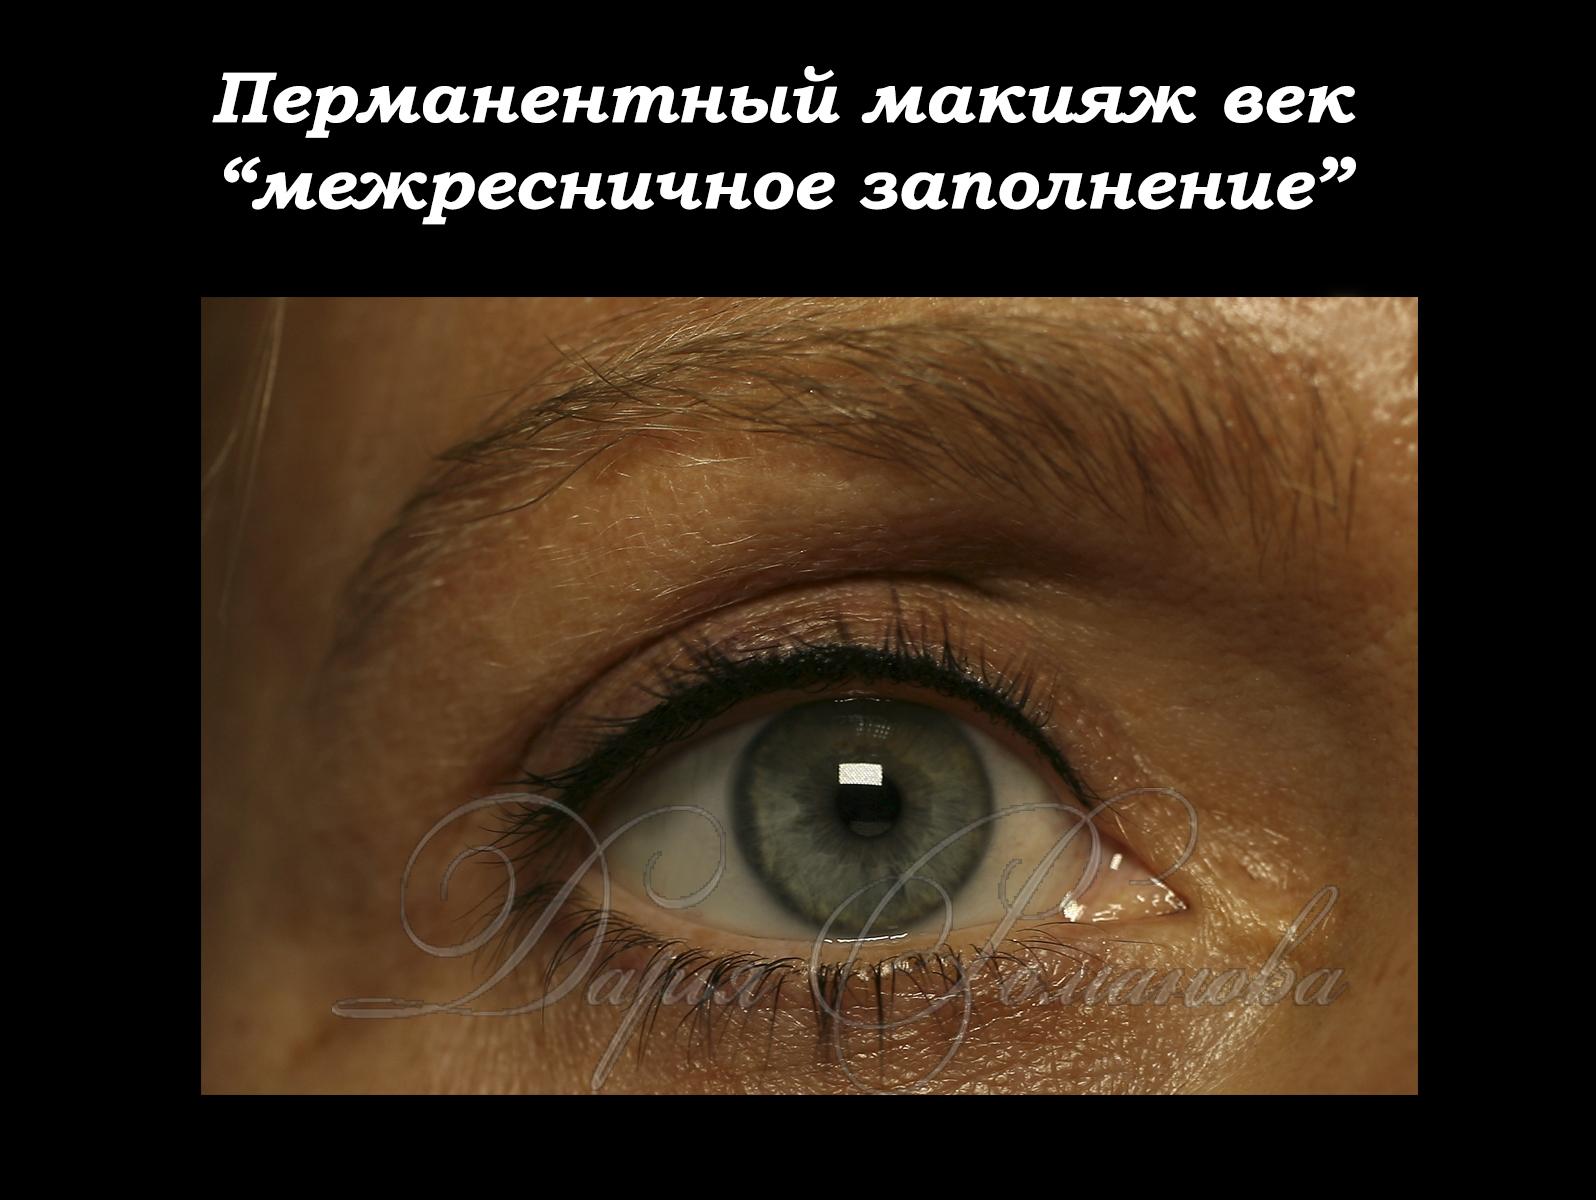 татуаж подводка глаз фото